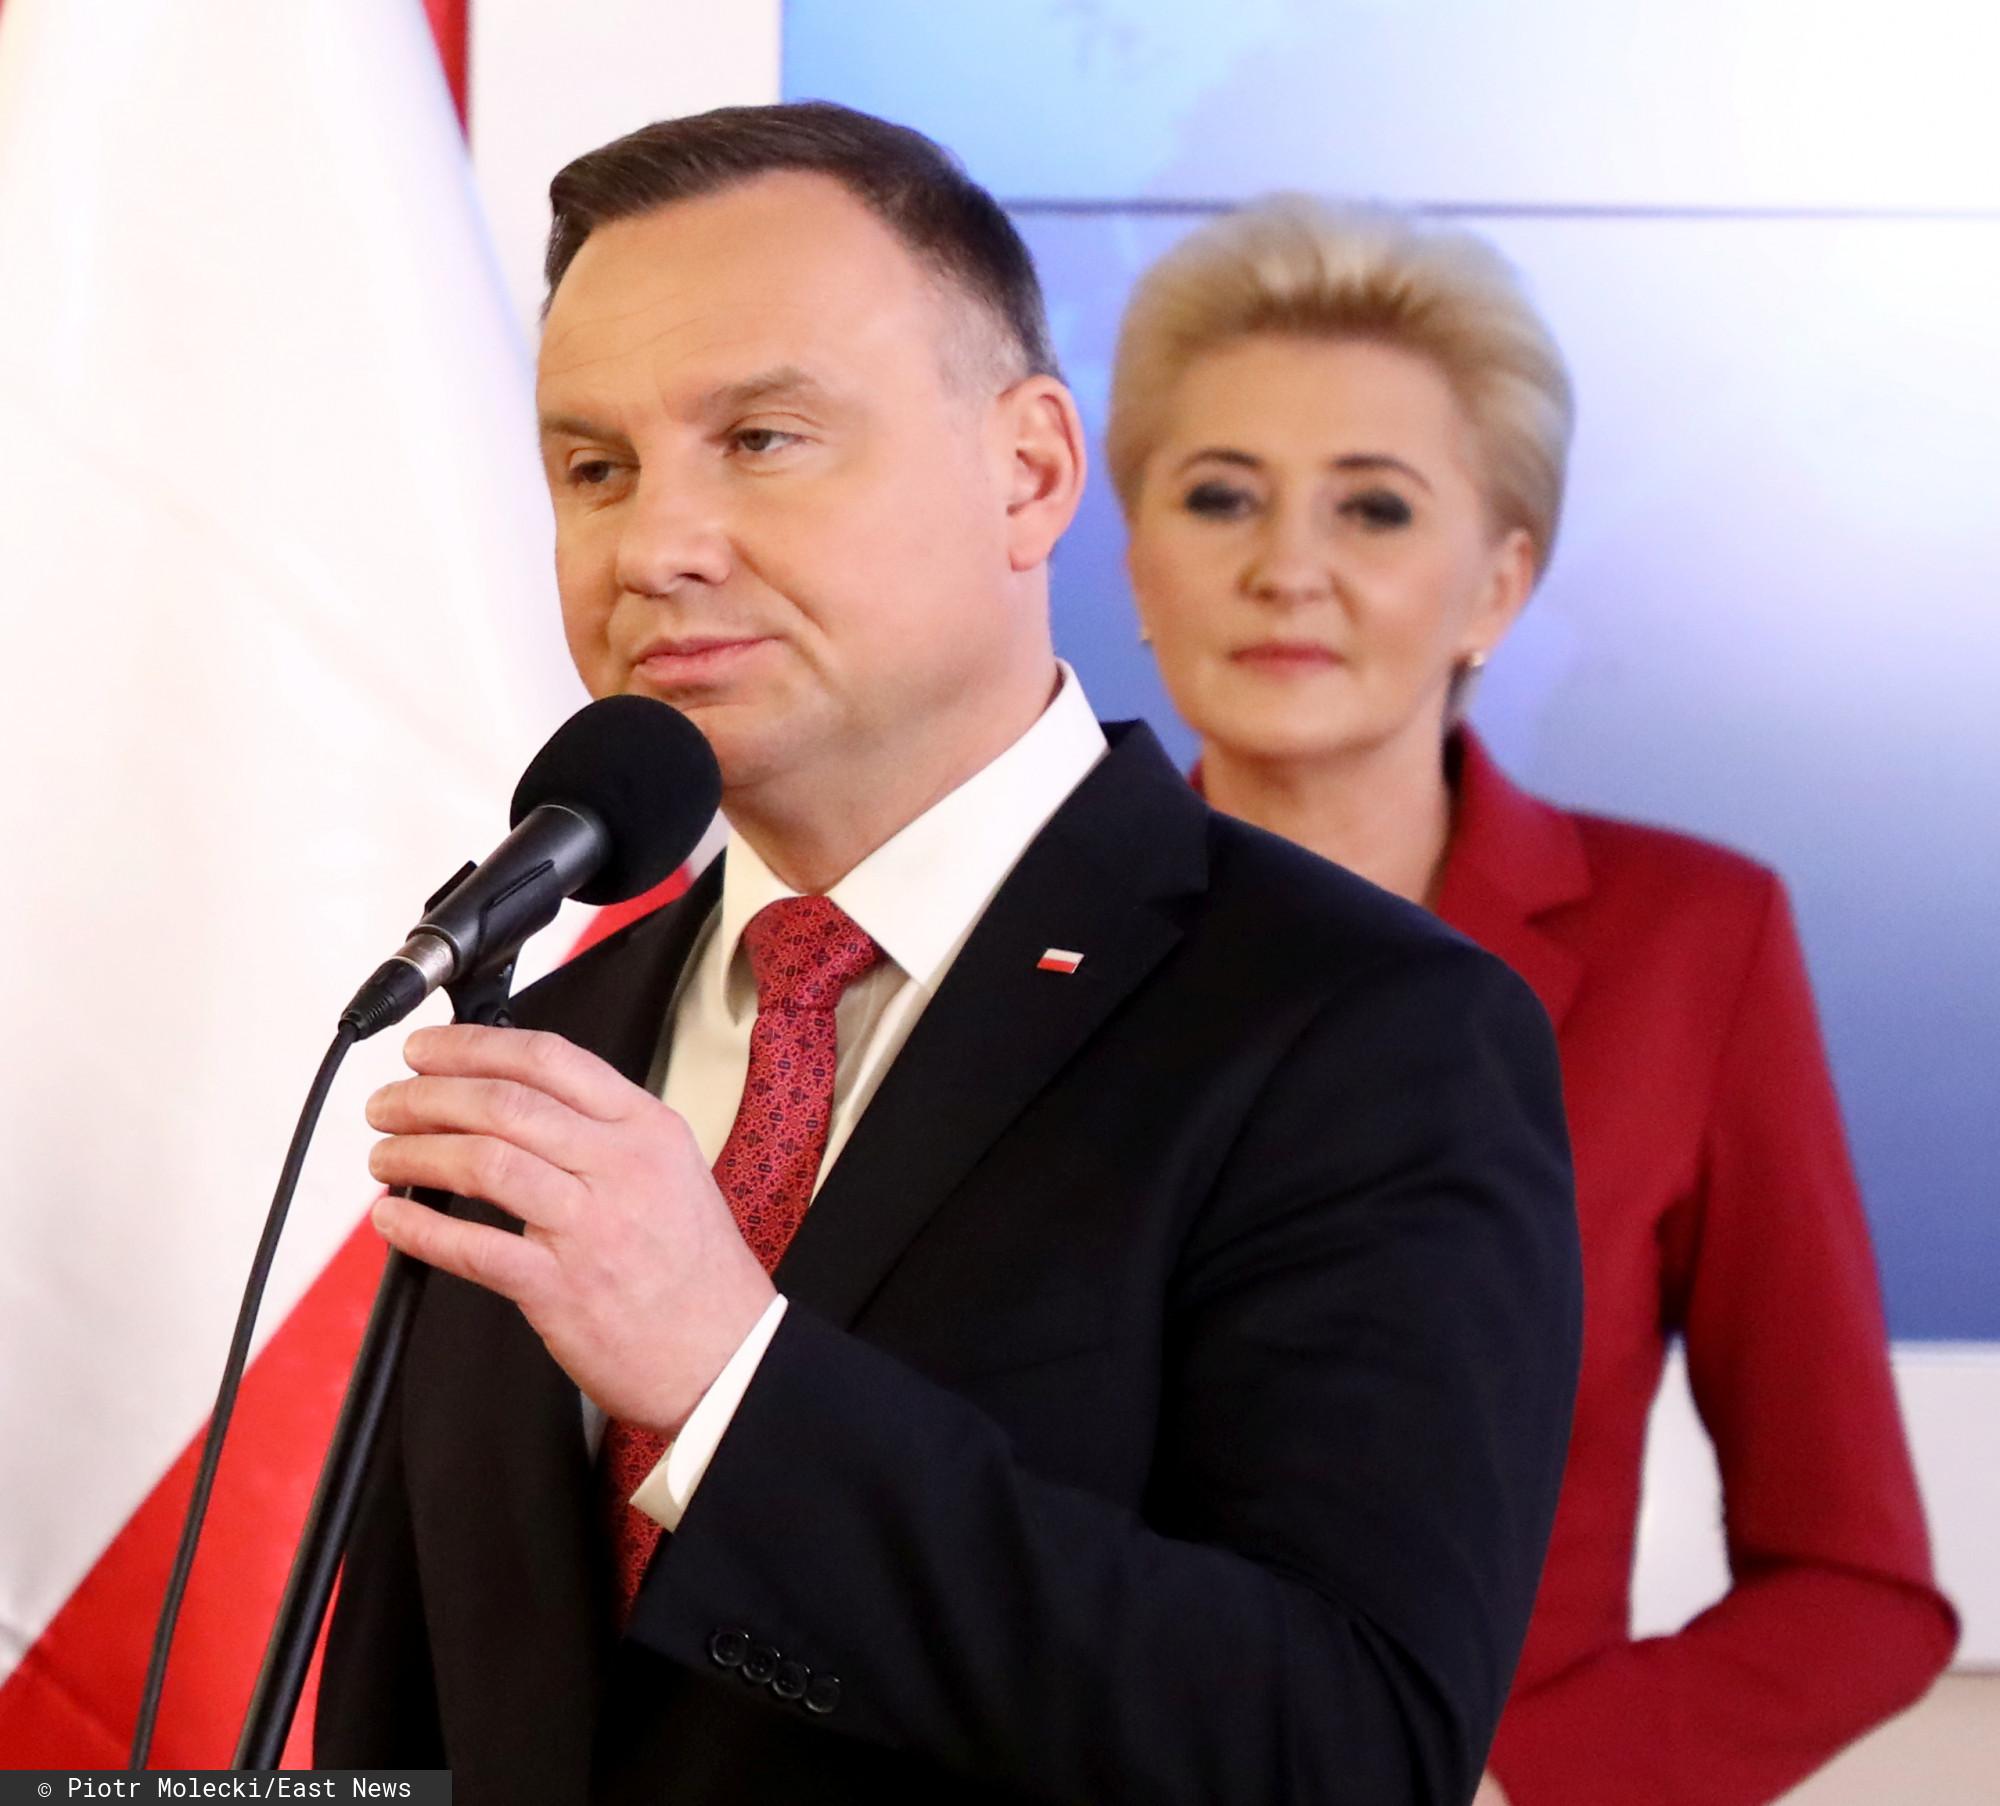 Wyjątkowo smutne święta pary prezydenckiej. Andrzej Duda przekazał smutną wiadomość